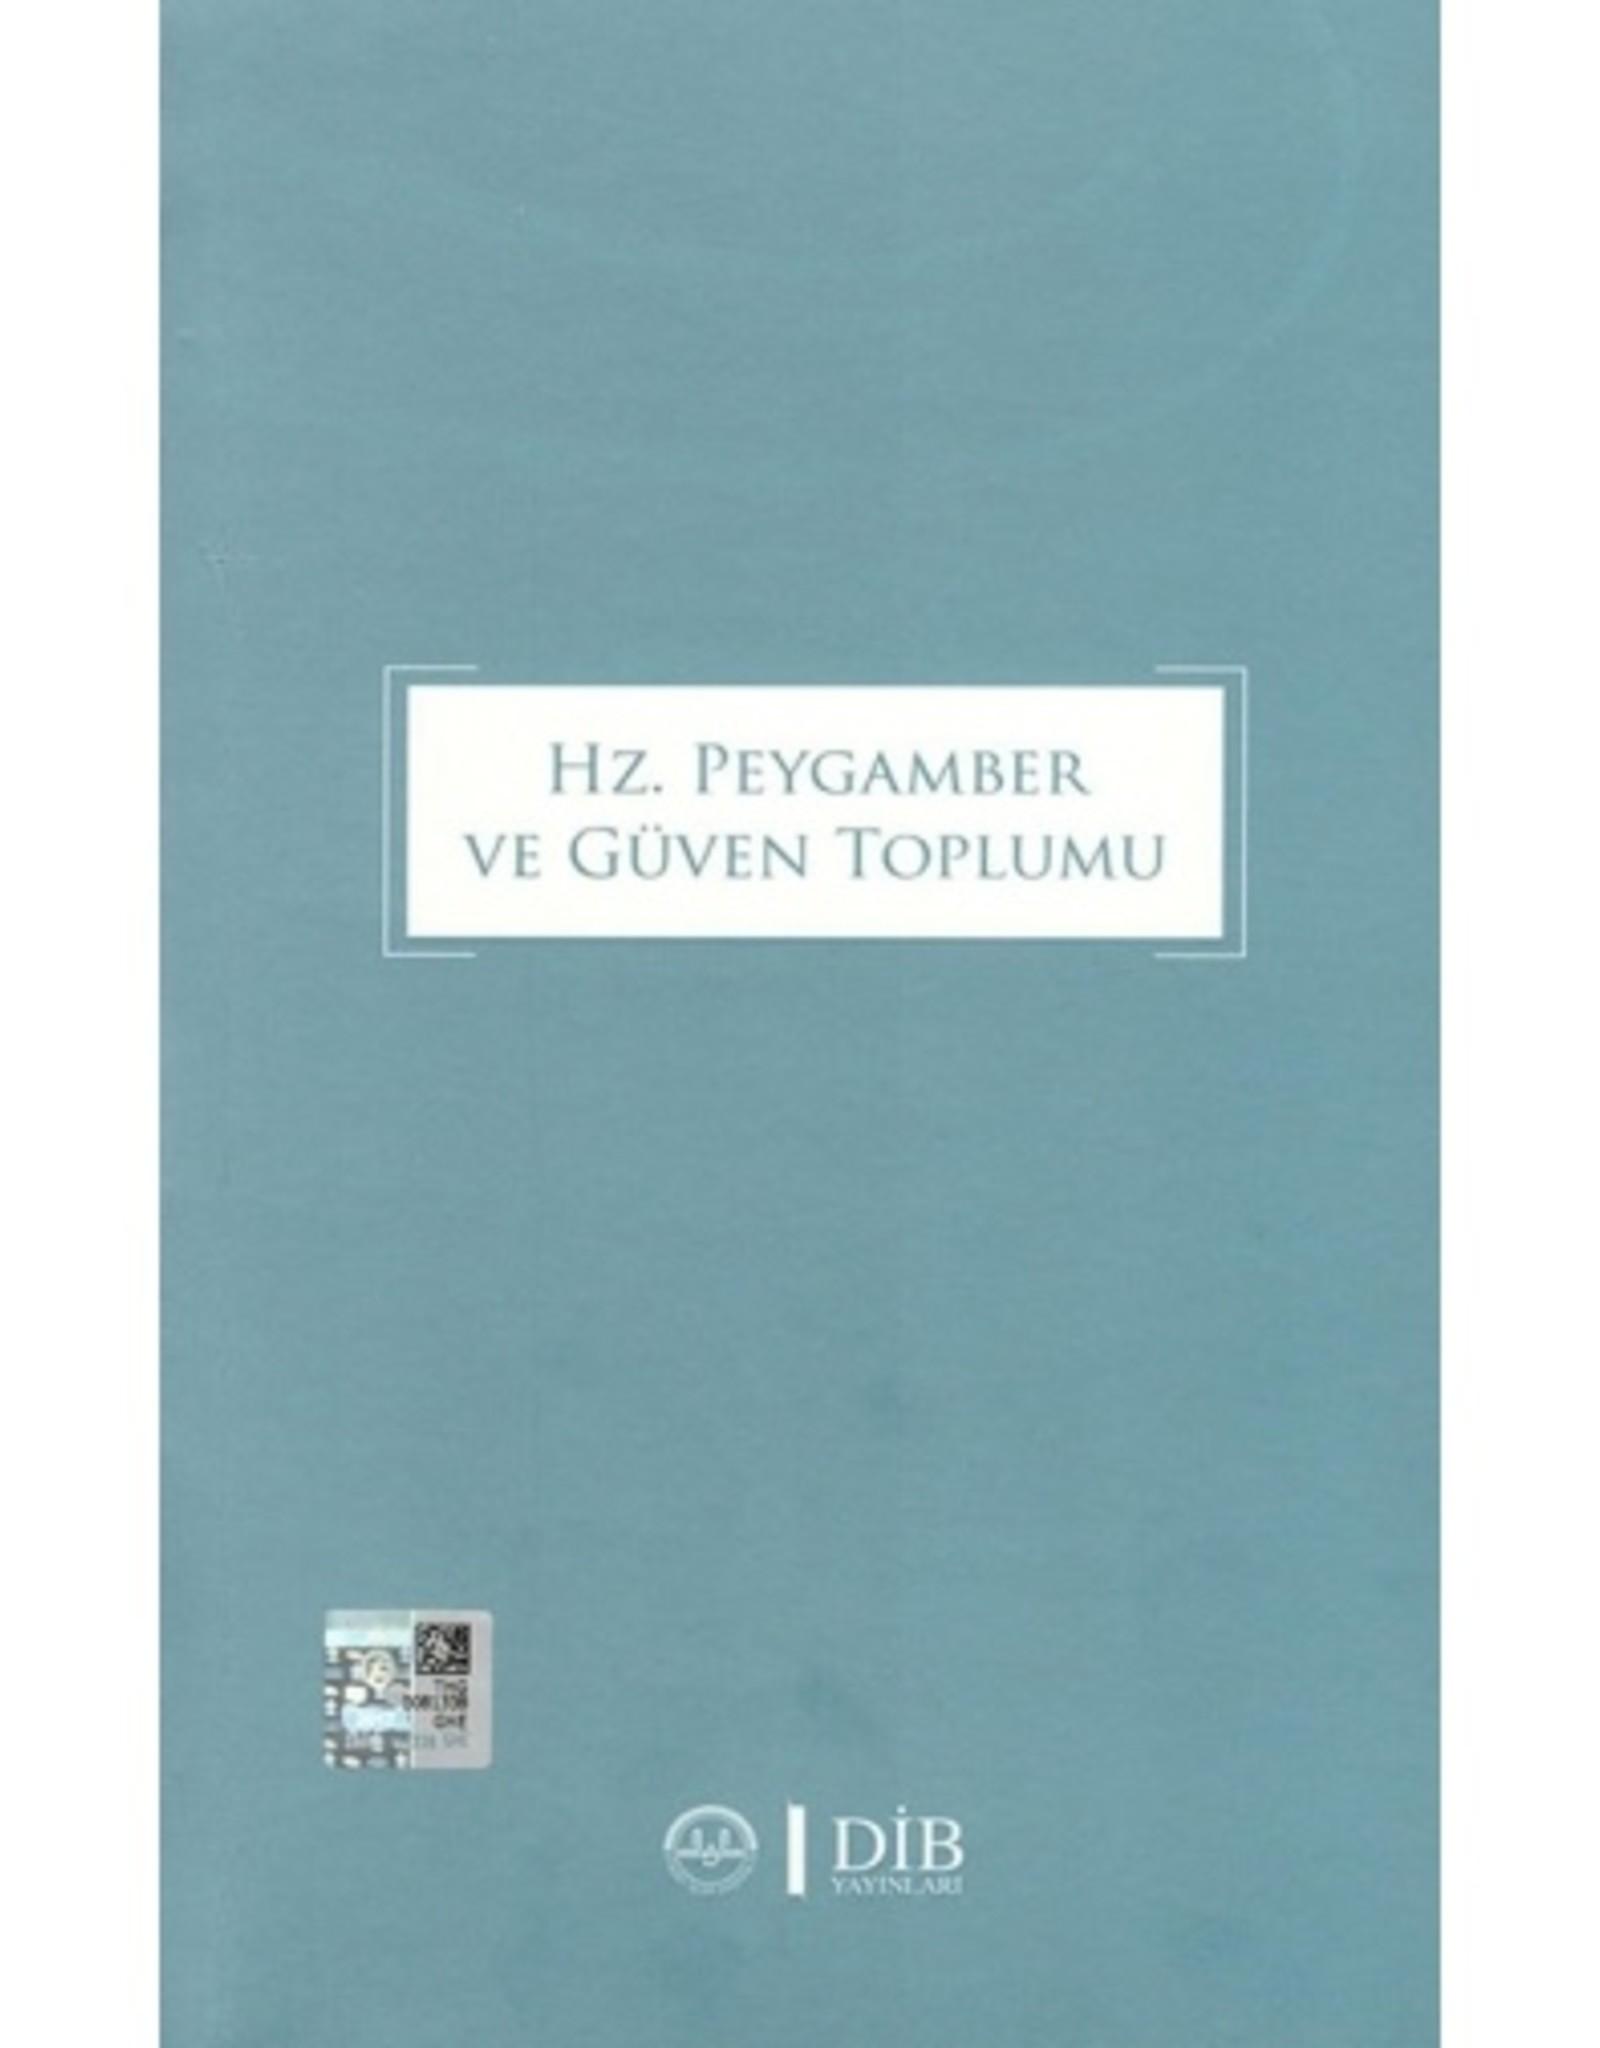 Hz. Peygamber ve Güven Toplumu